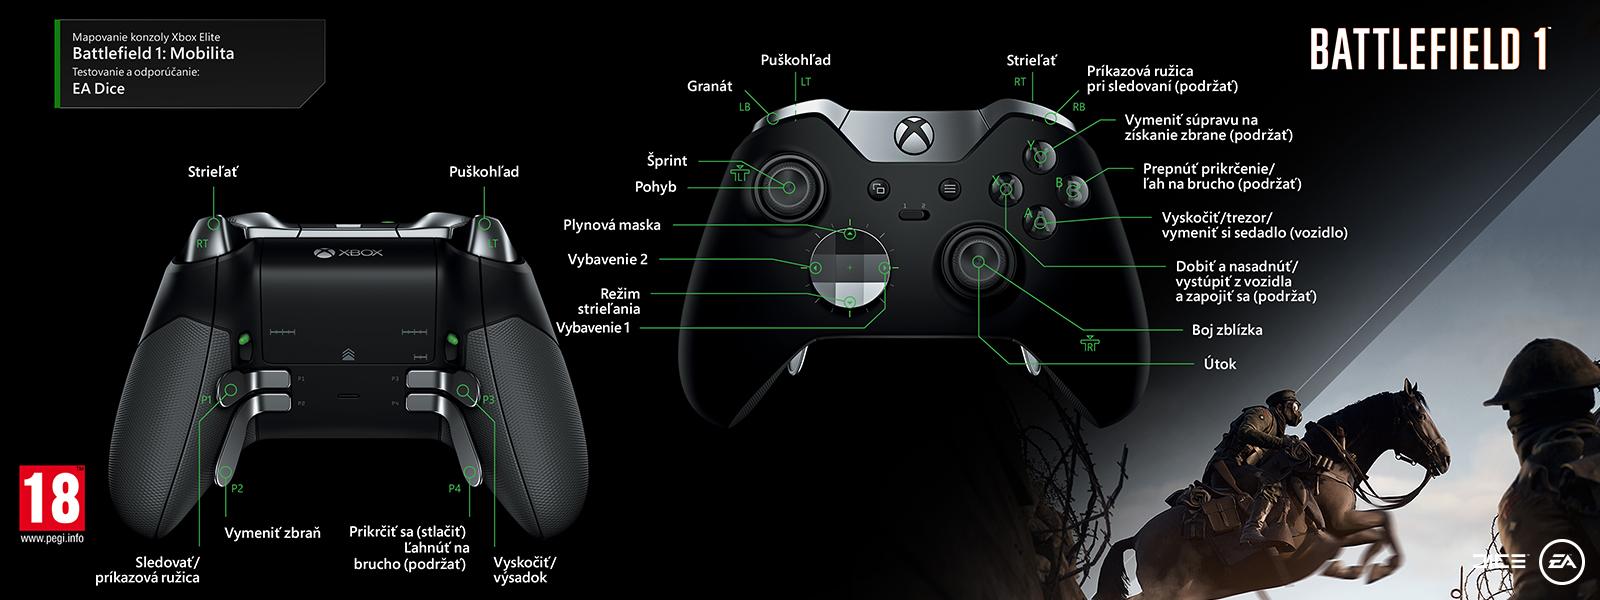 Mapovanie ovládača Elite na zvýšenie mobility v hre Battlefield 1